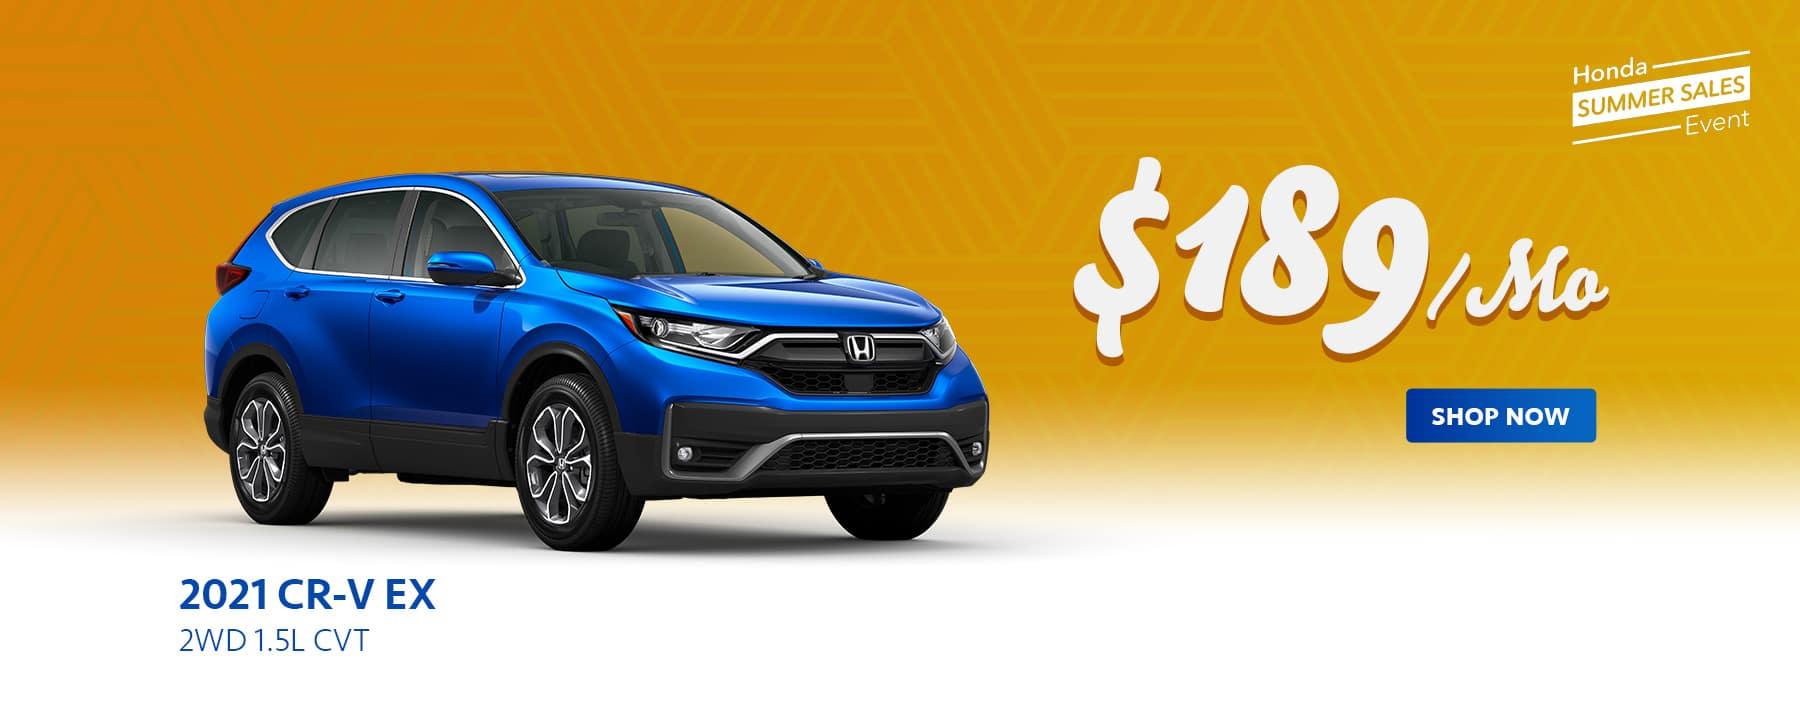 2021 Honda CR-V Offer